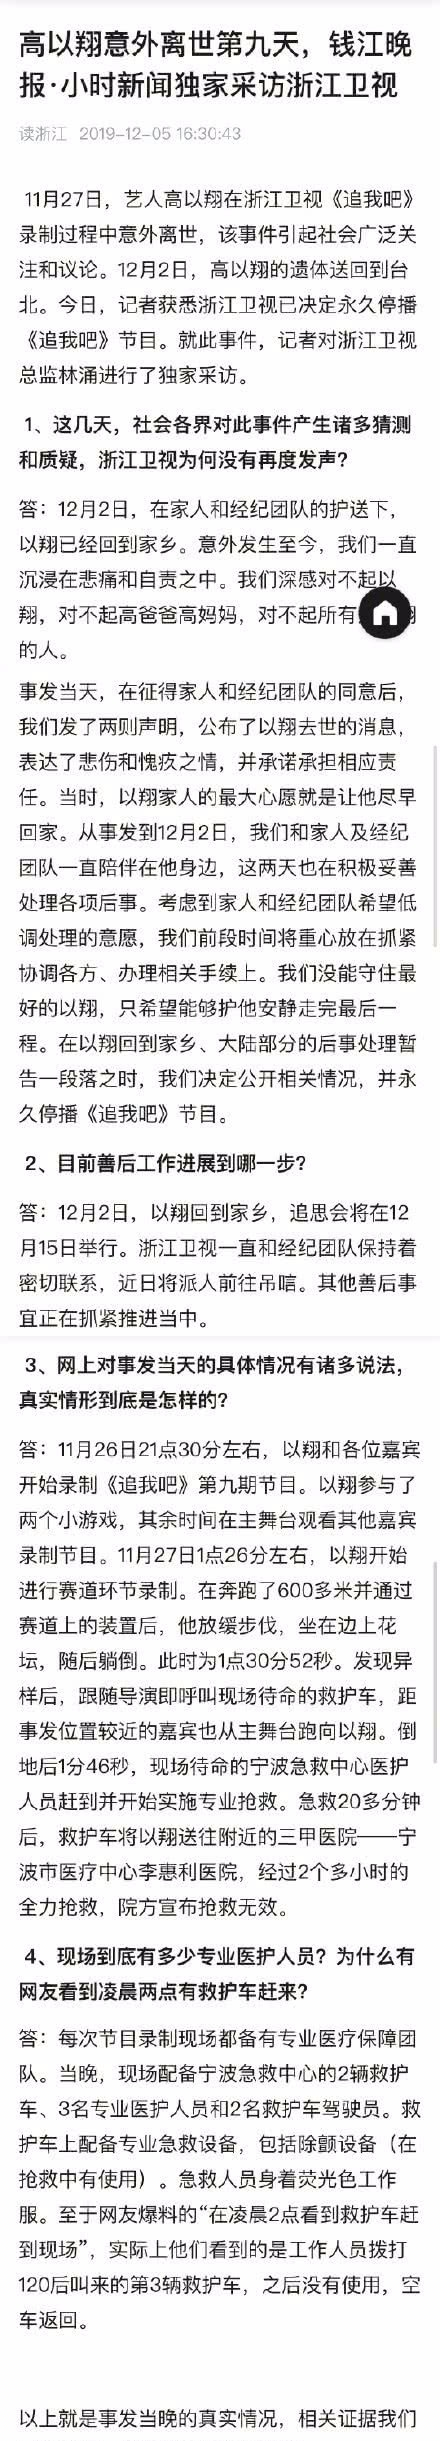 浙江卫视声称第一时间抢救高以翔,网友晒实锤还原时间线实力打脸